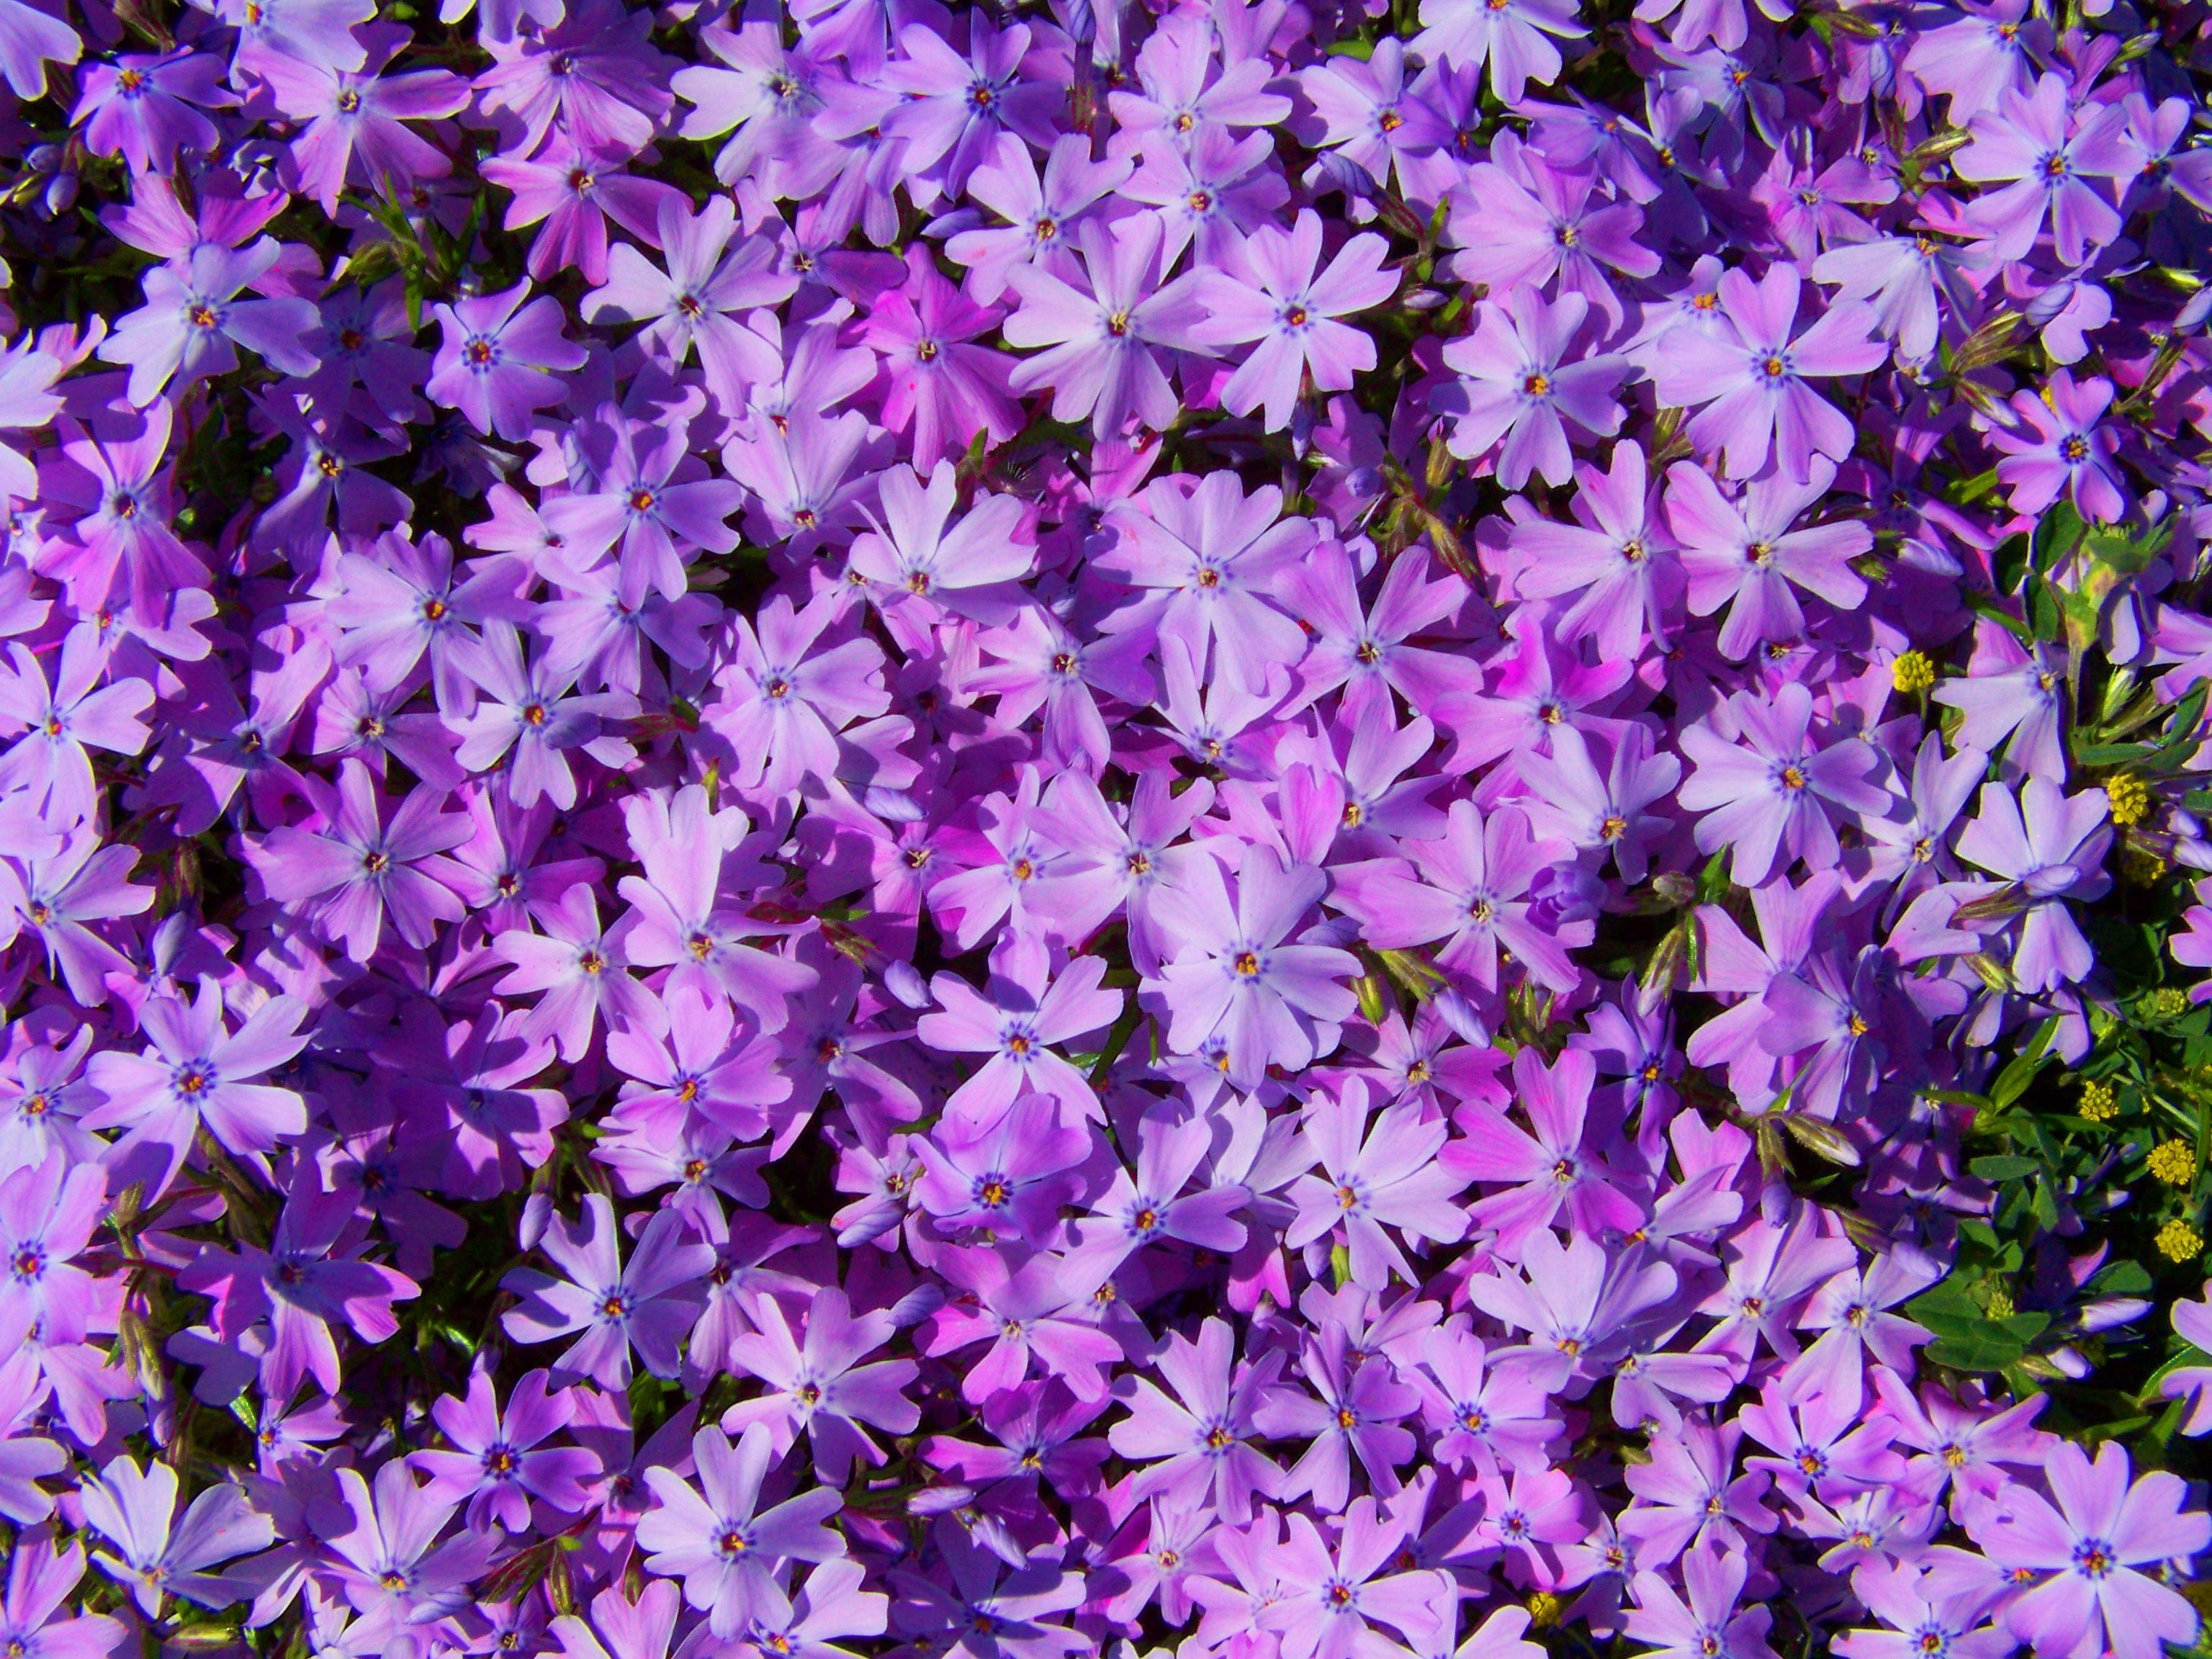 Free Images Garden Flora Wildflower Spring Flower Flowering